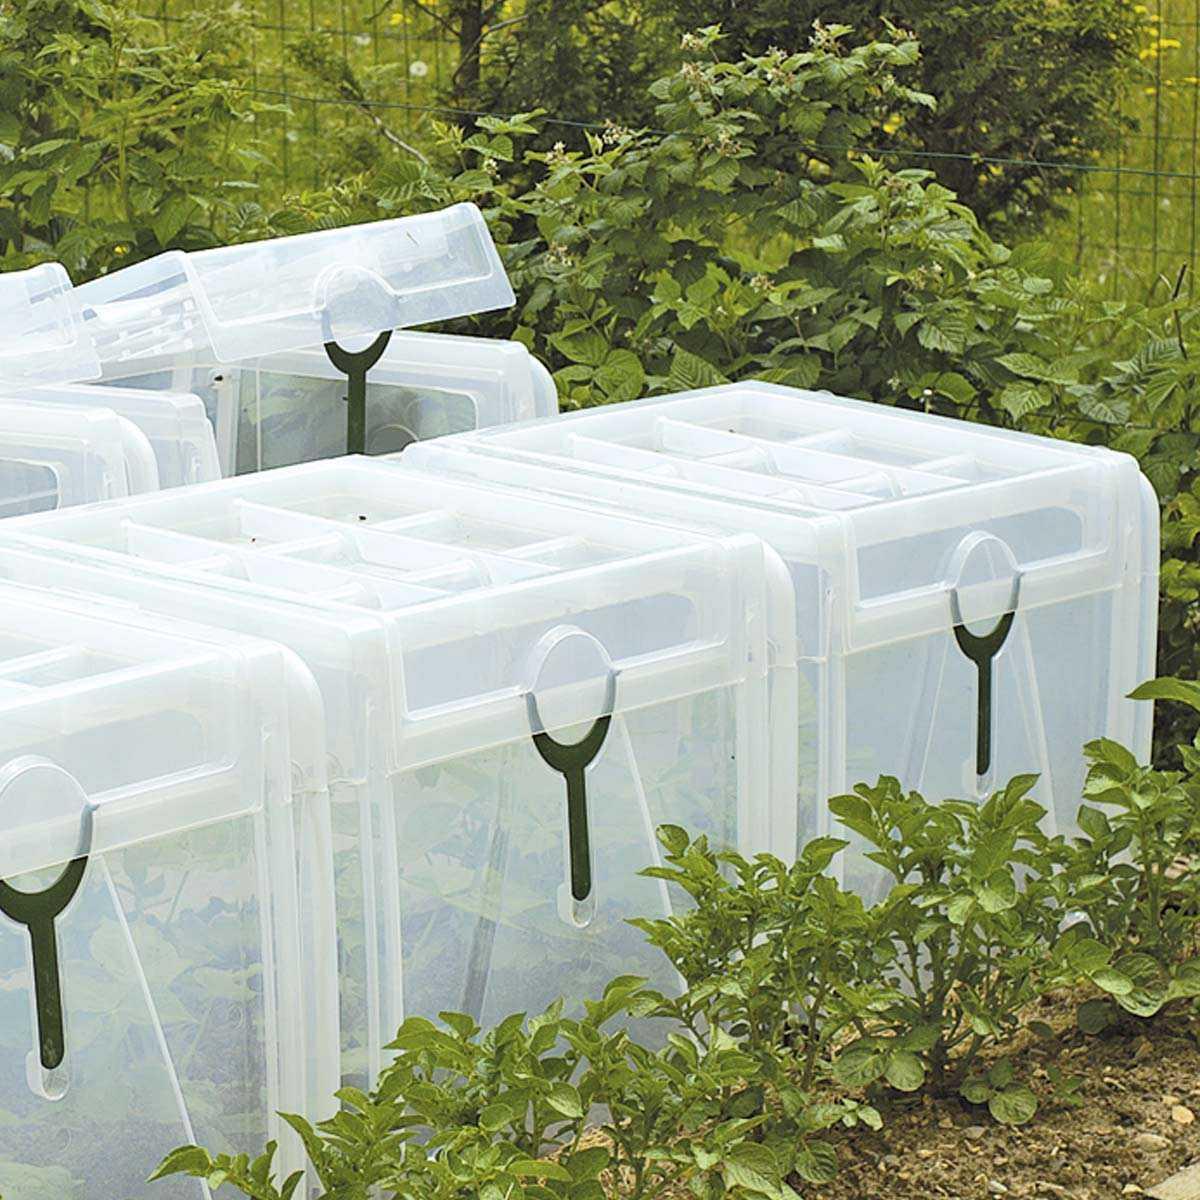 Tunnel de for age pour cultures 80x60cm x haut 50cm tunnel chassis cloche - Tunnel de forcage rigide pour jardin ...